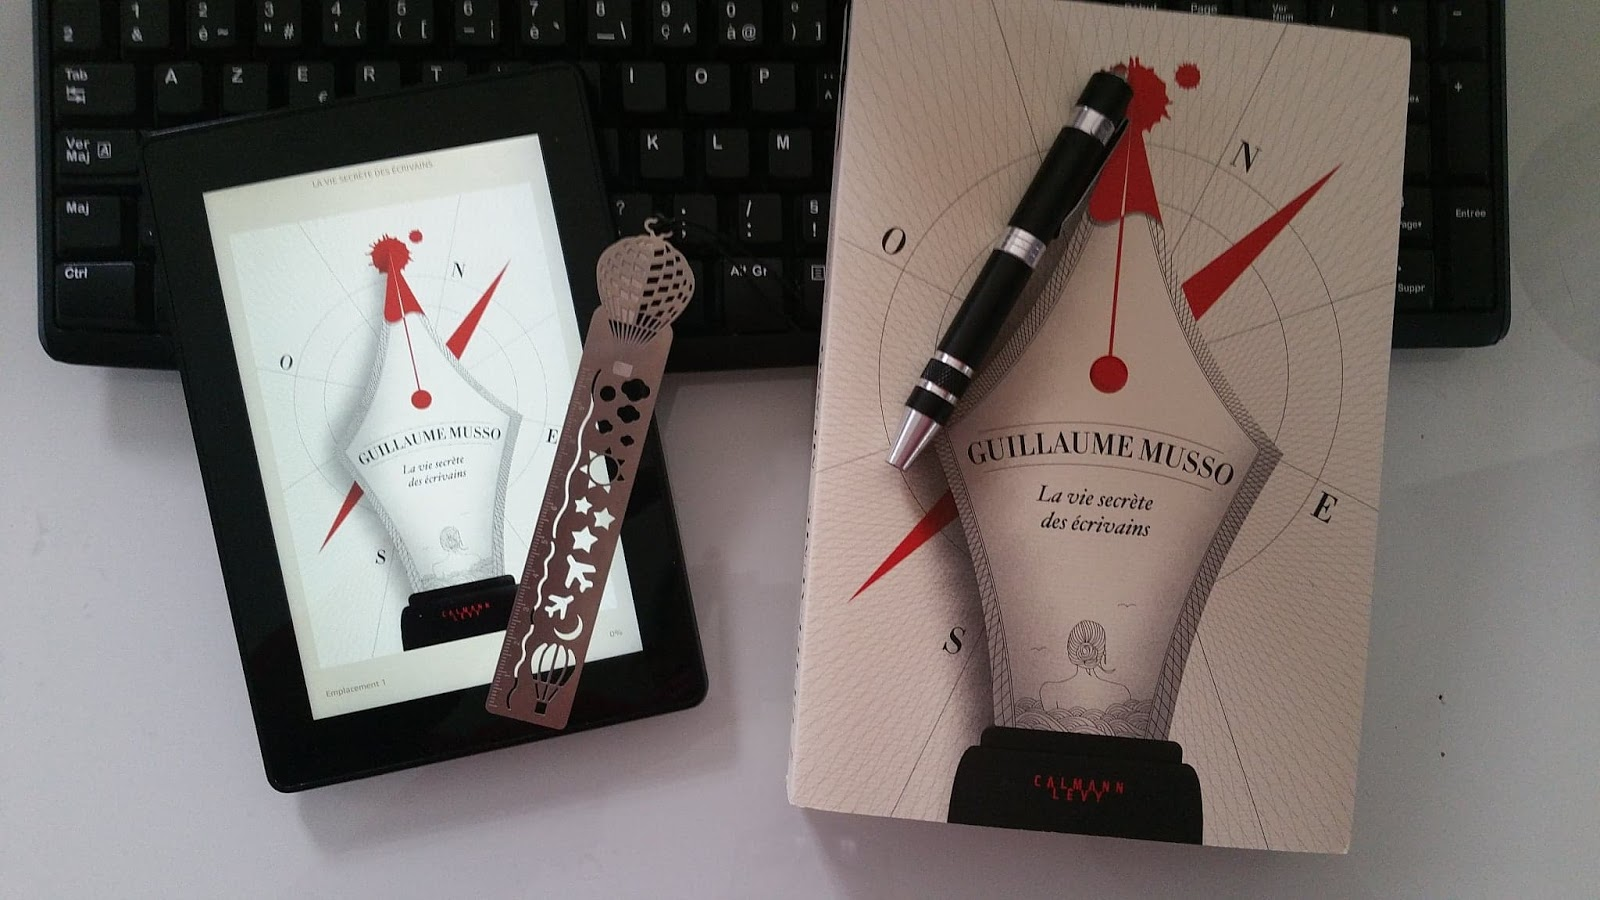 La Vie Secrete Des Ecrivains Guillaume Musso Happy Manda